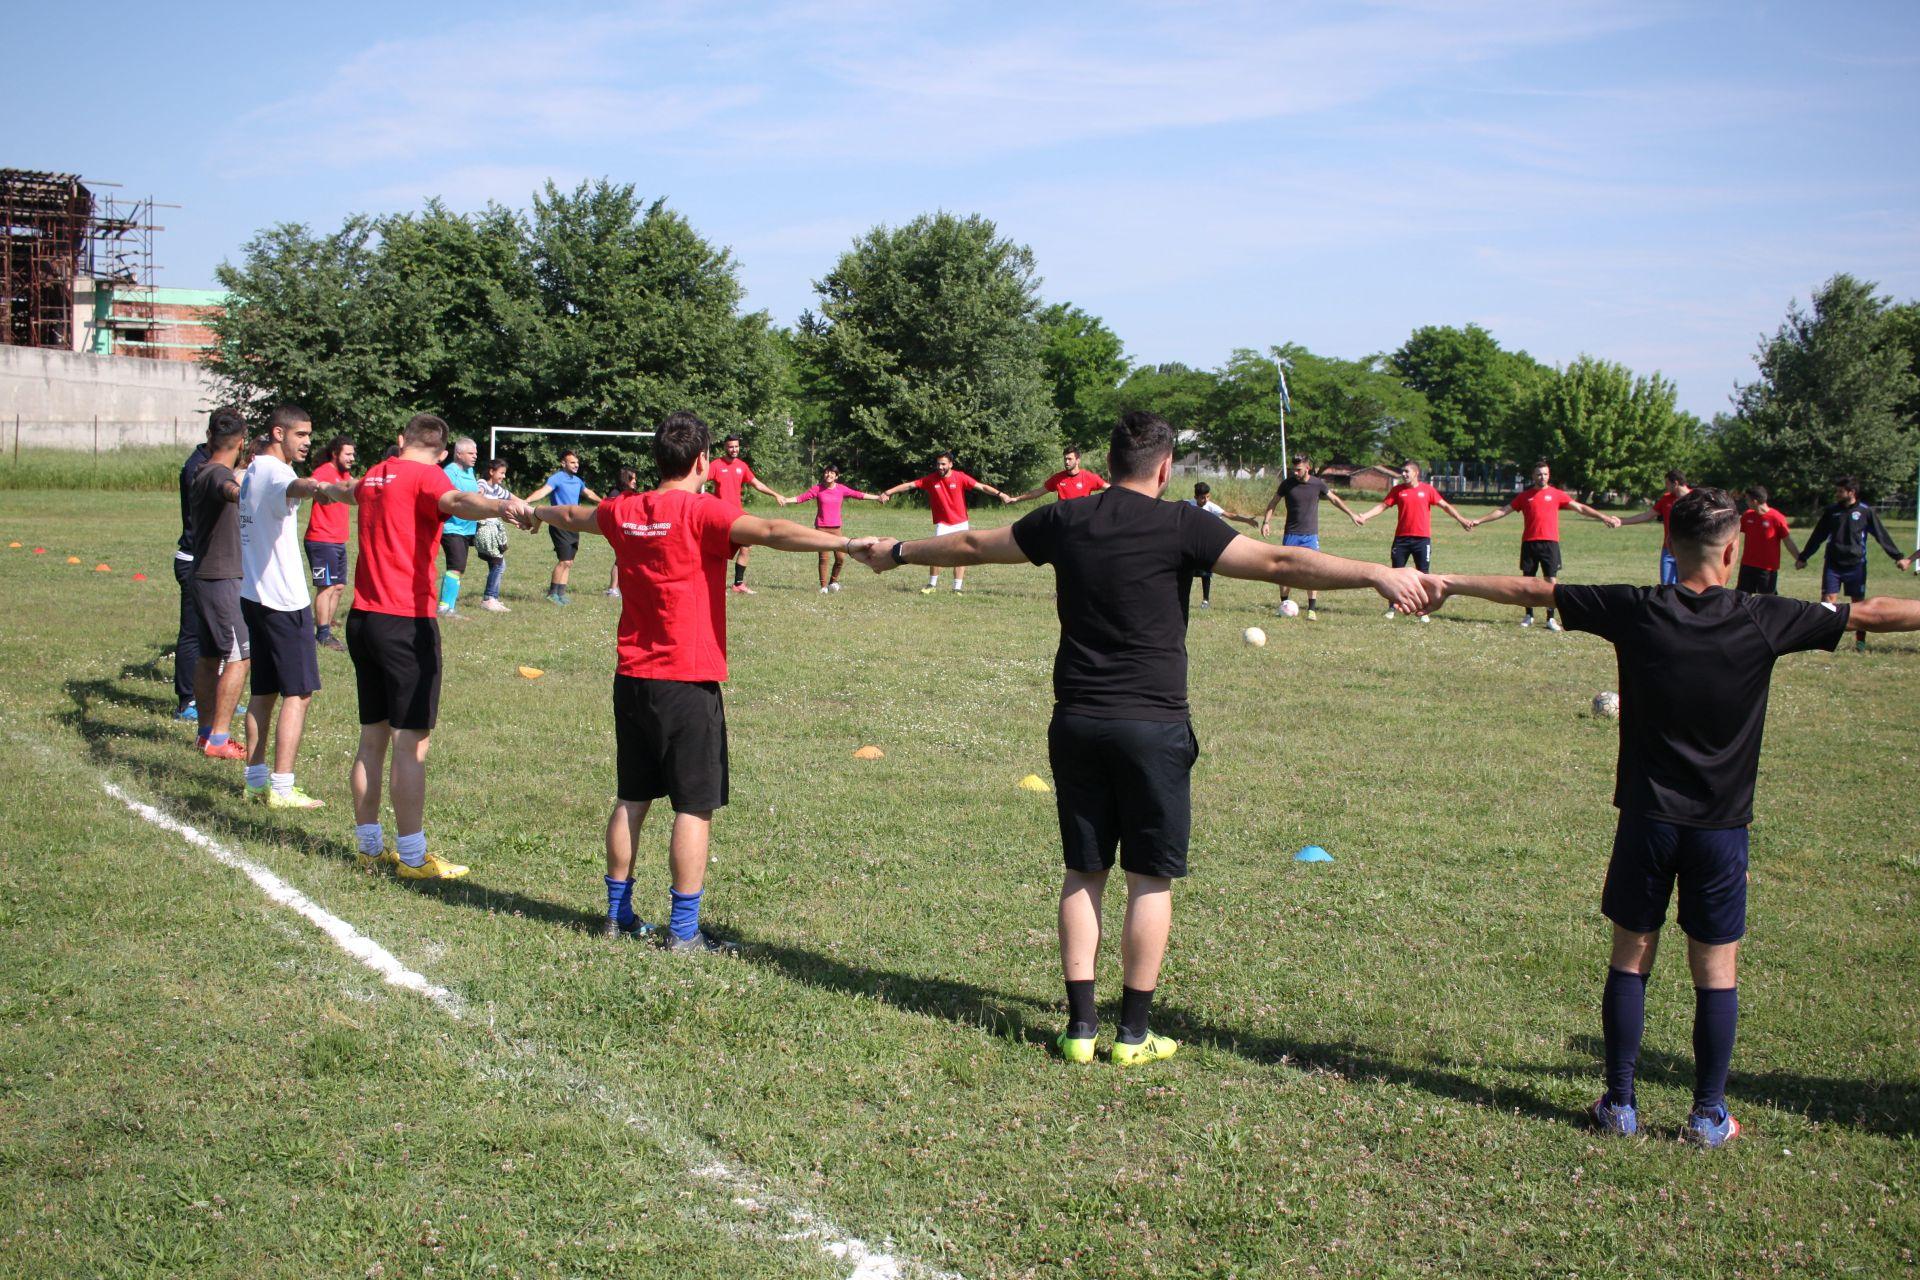 Σε ενθουσιώδες κλίμα ο φιλικός μικτός αγώνας ποδοσφαίρου και τα αθλήματα στίβου με πρόσφυγες μαθητές και φοιτητές του ΤΕΦΑΑ ΠΘ